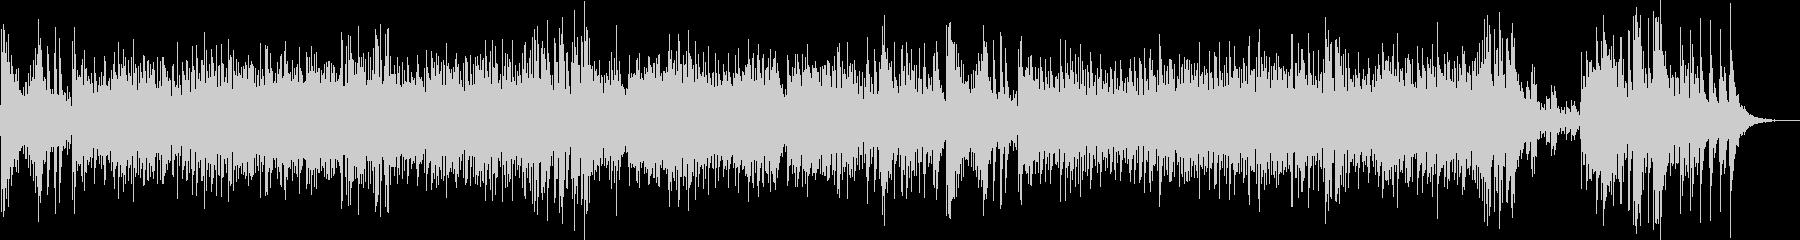 ピチカート五重奏による軽快な曲です。の未再生の波形